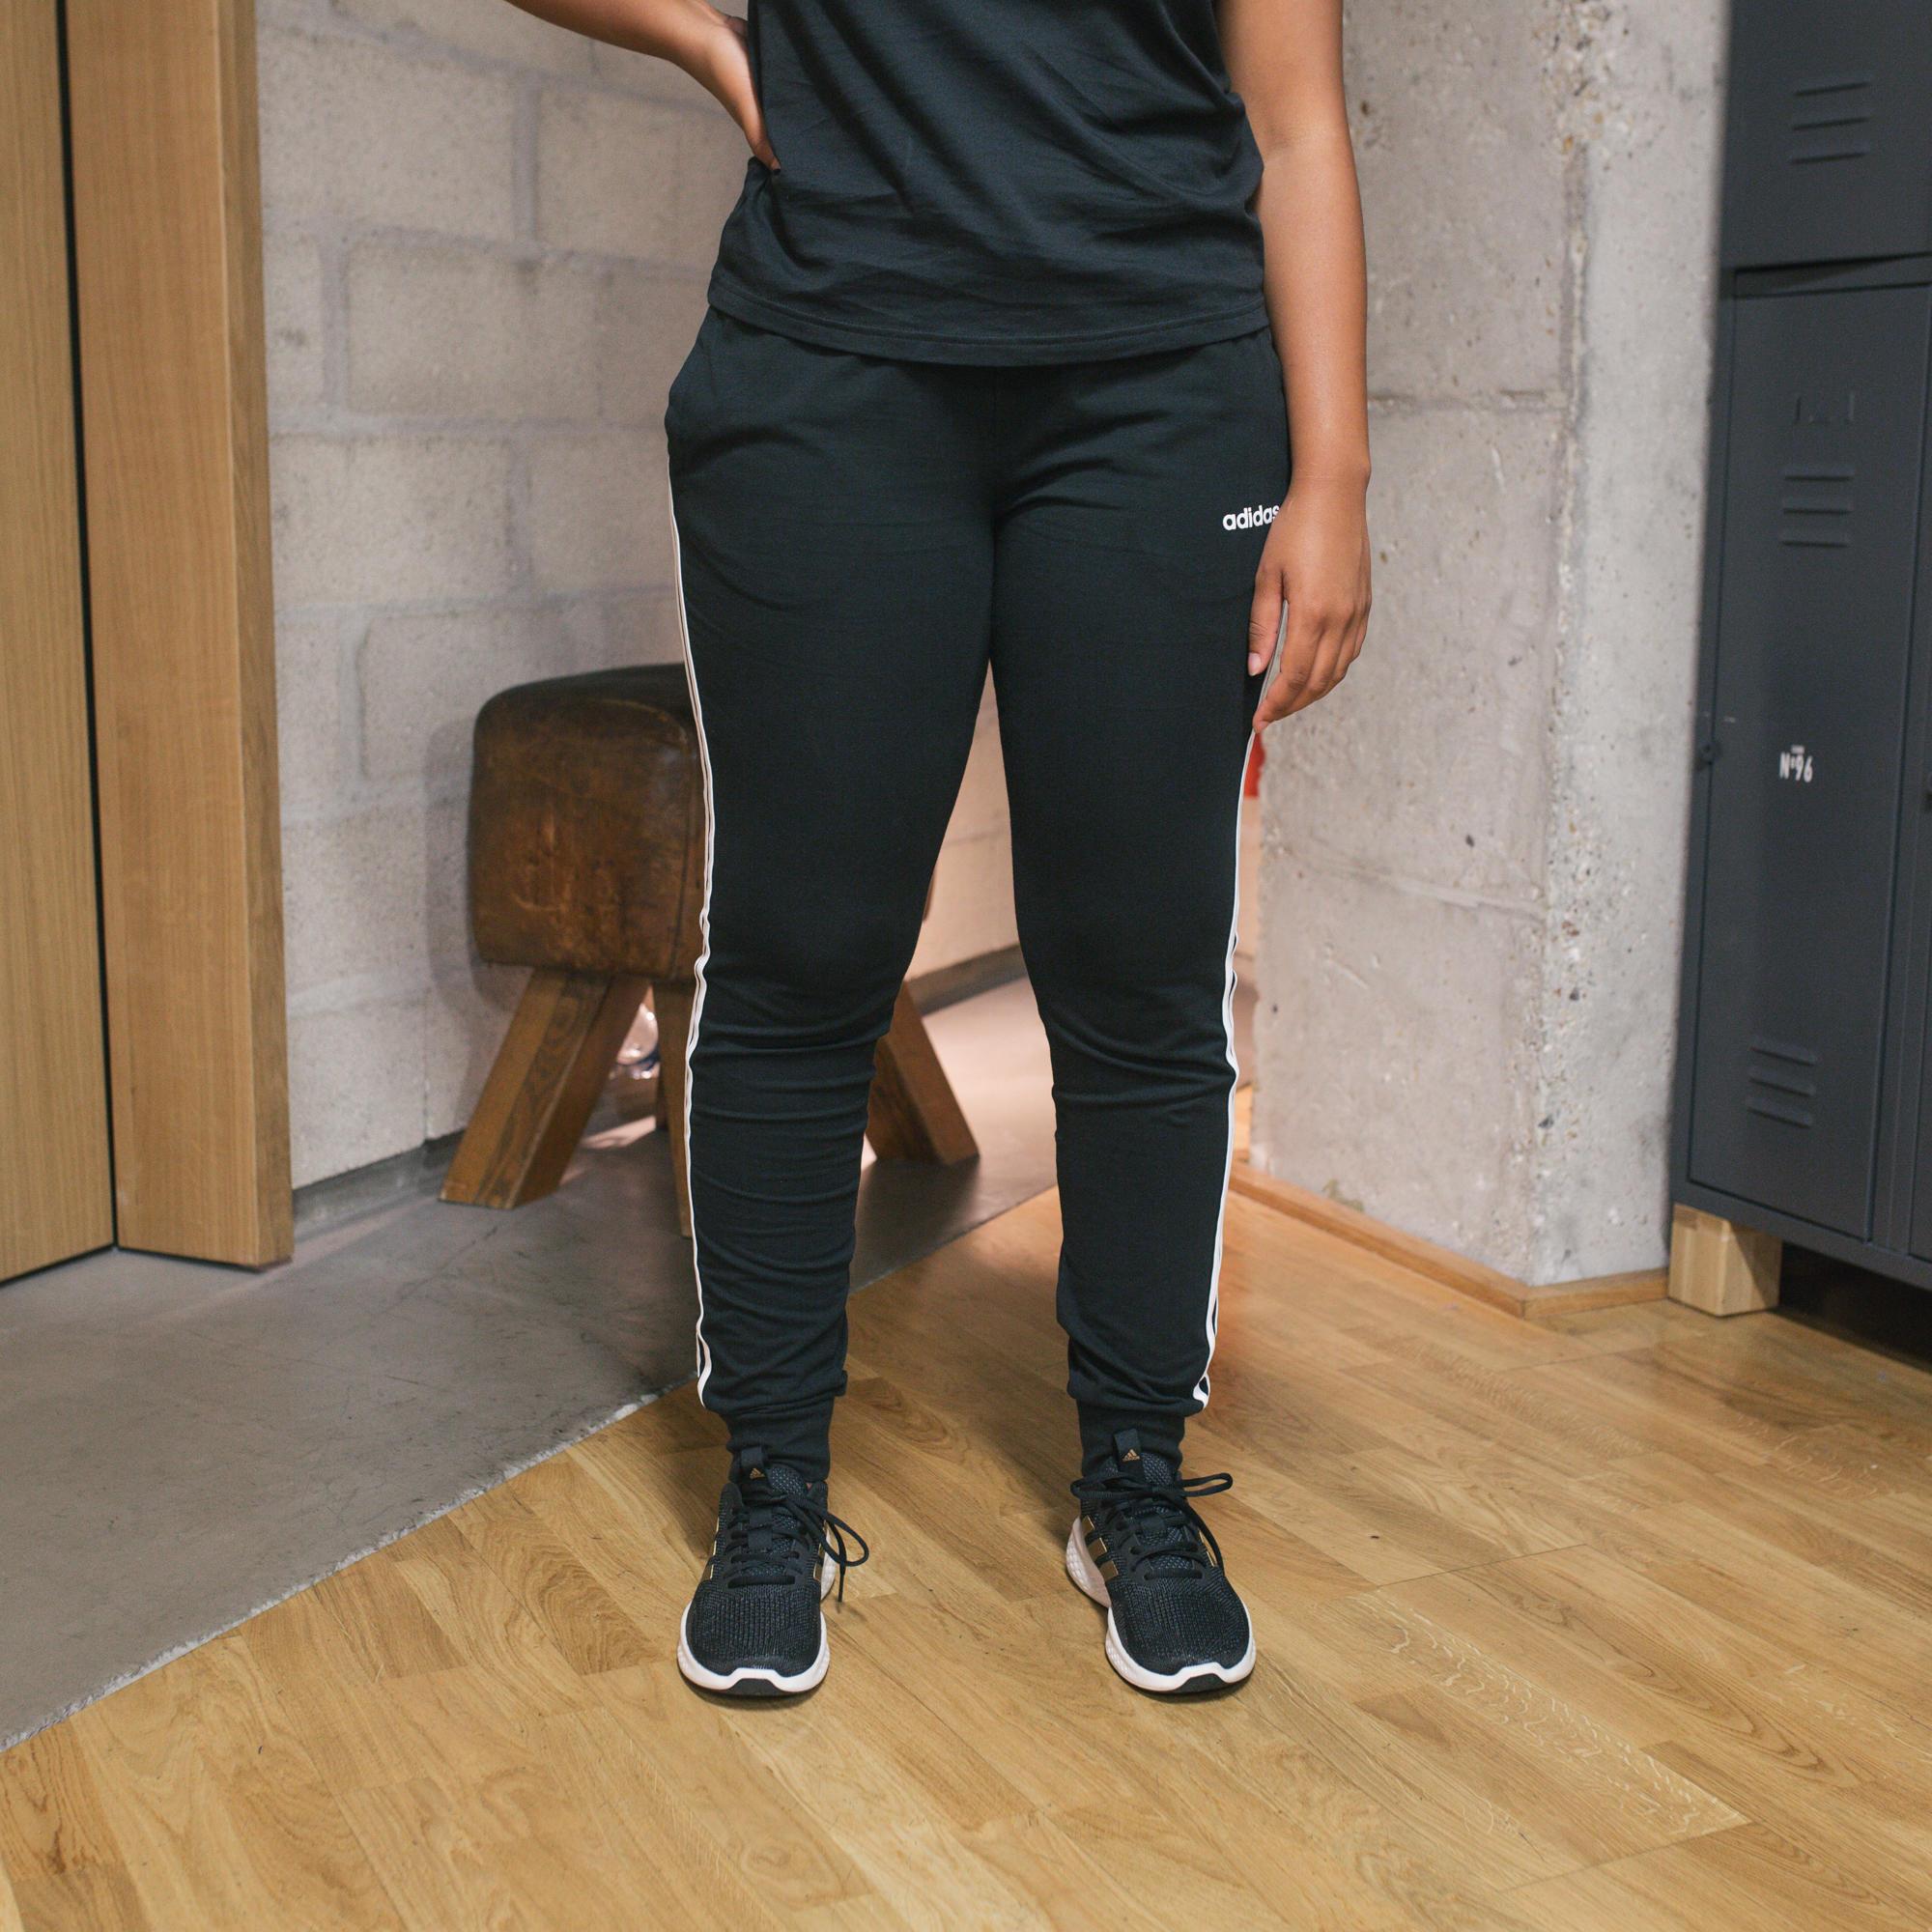 Pantalon trening ADIDAS damă imagine